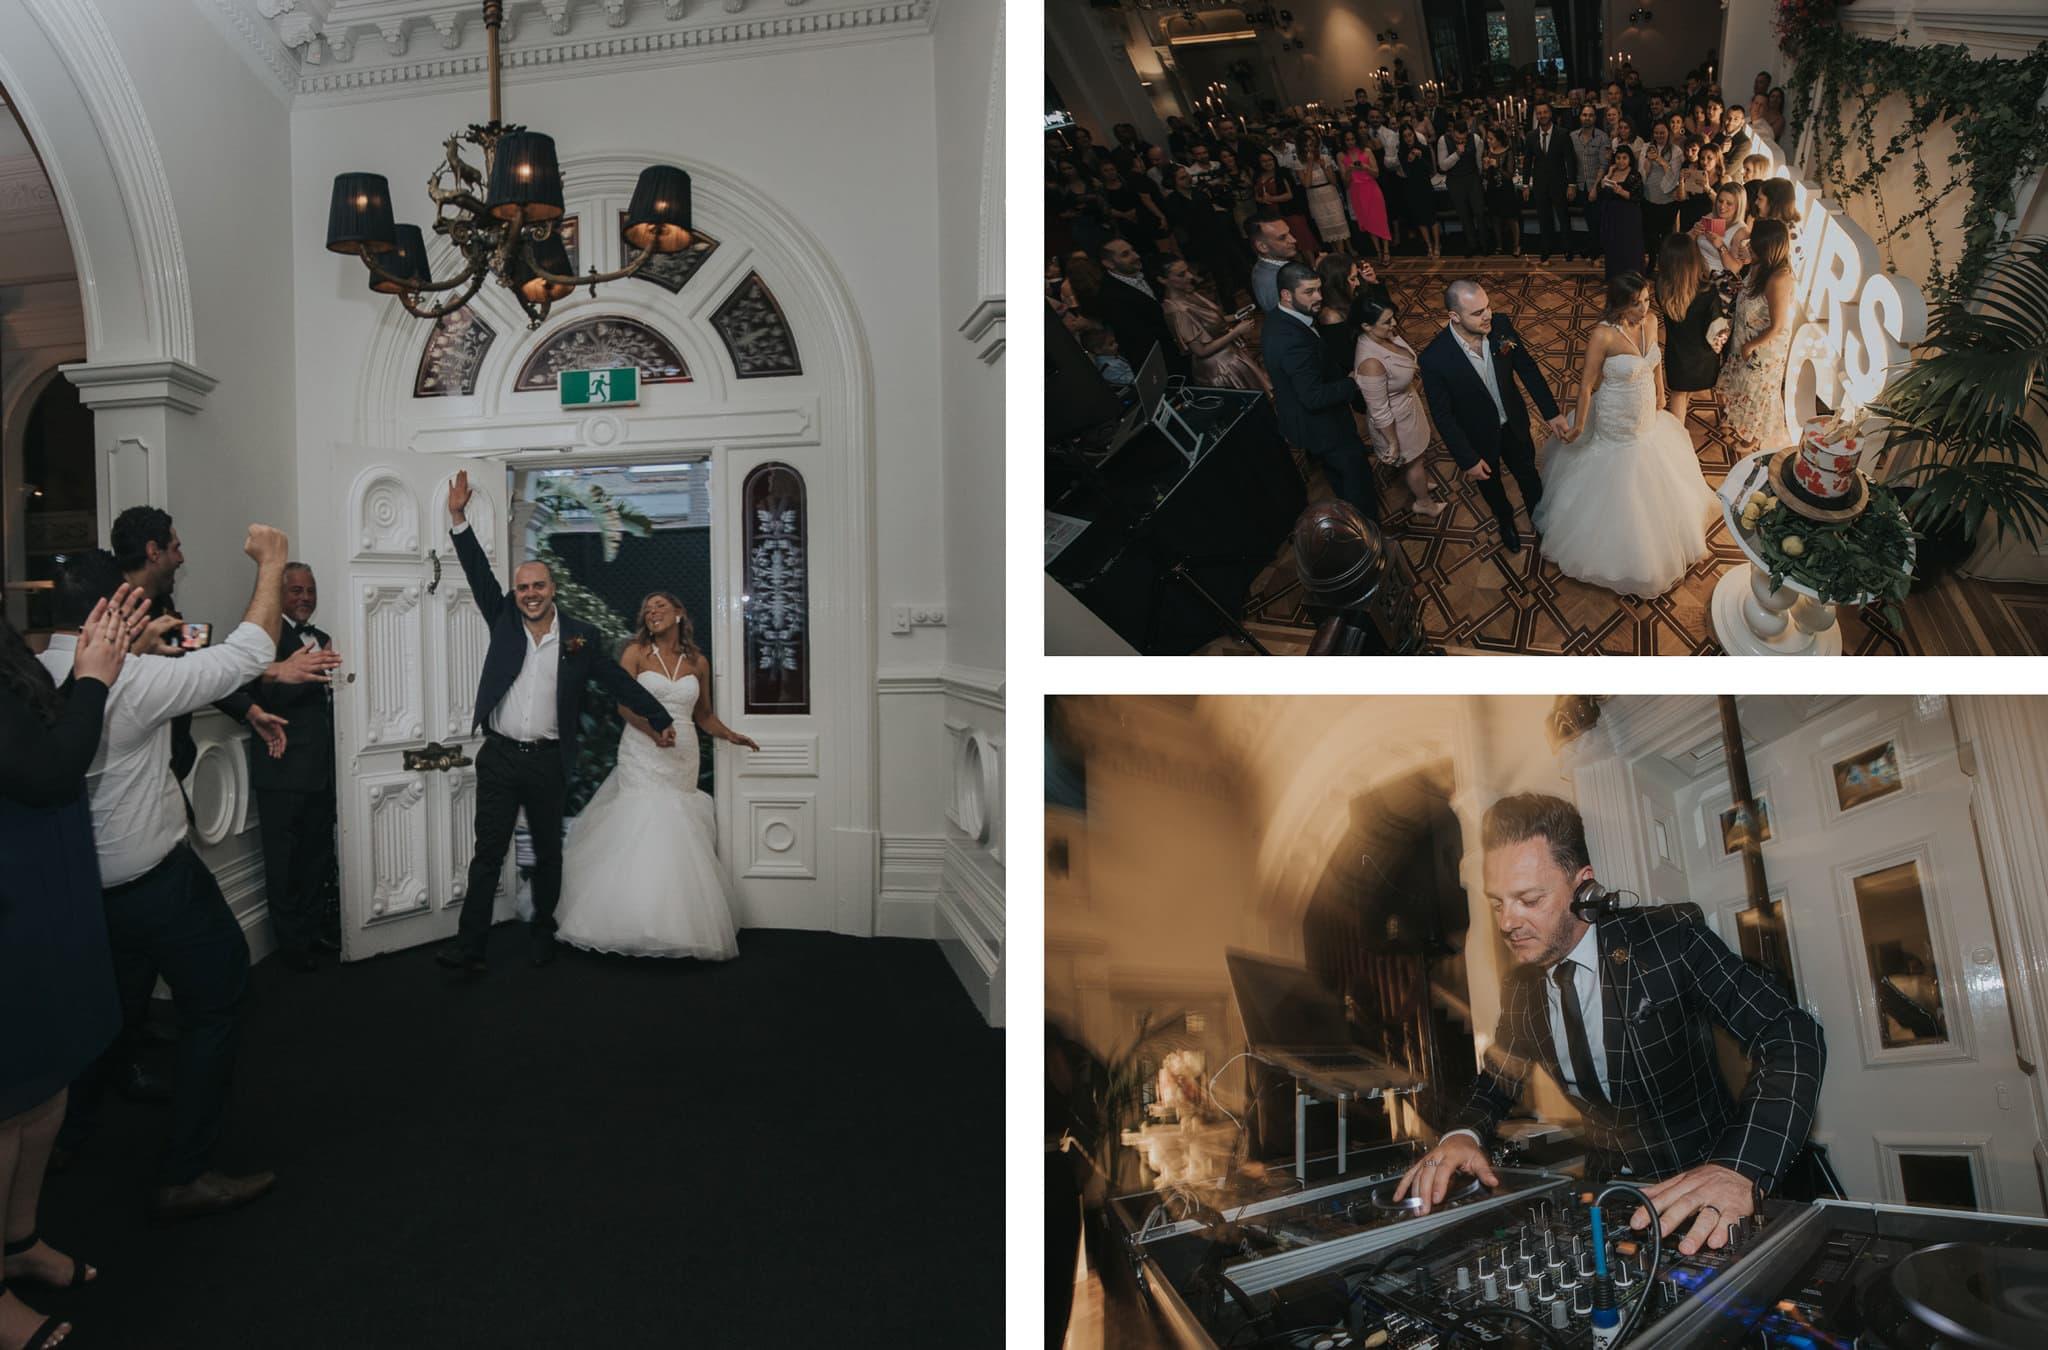 Wedding entrance at Quat Quatta - Melbourne